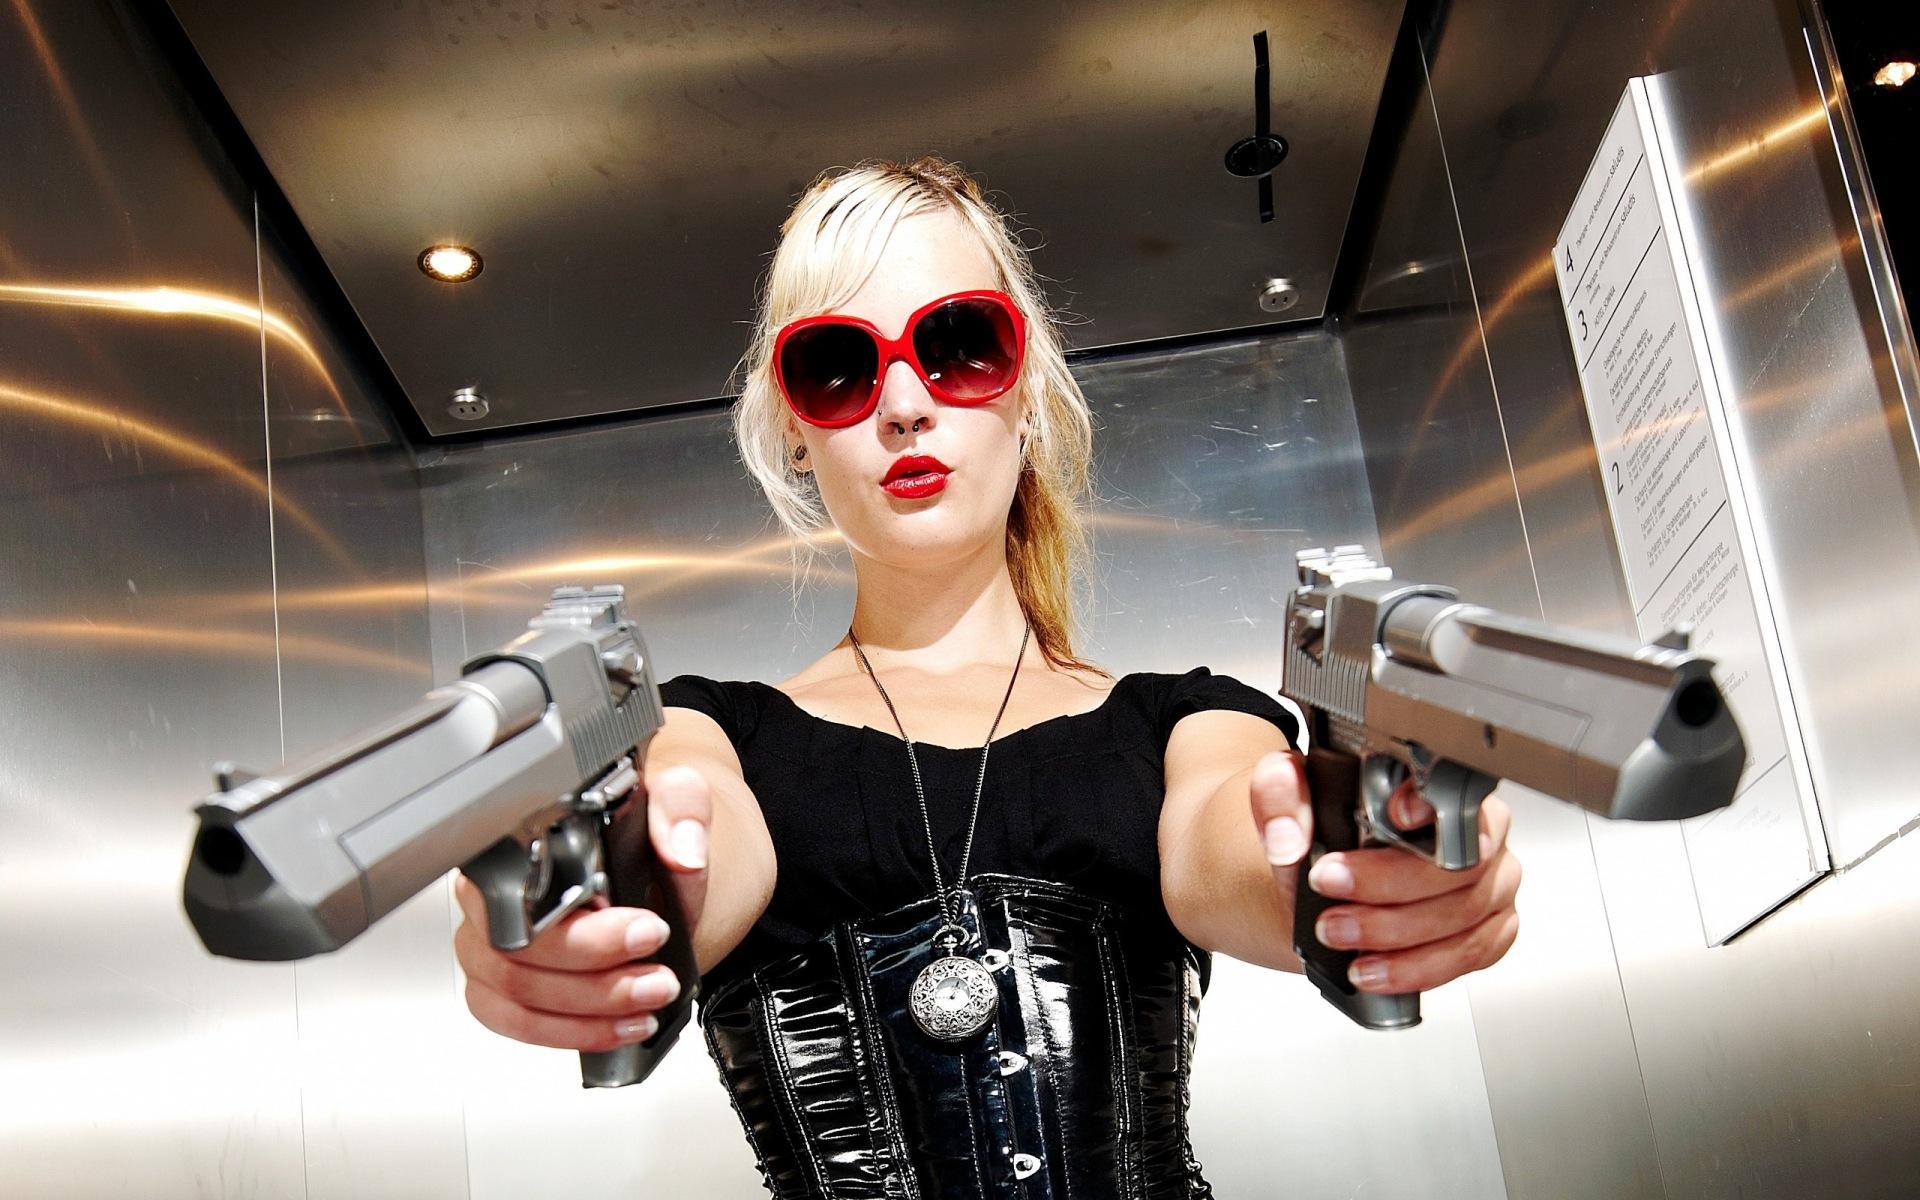 Смотреть картинки тёлки с оружием 10 фотография